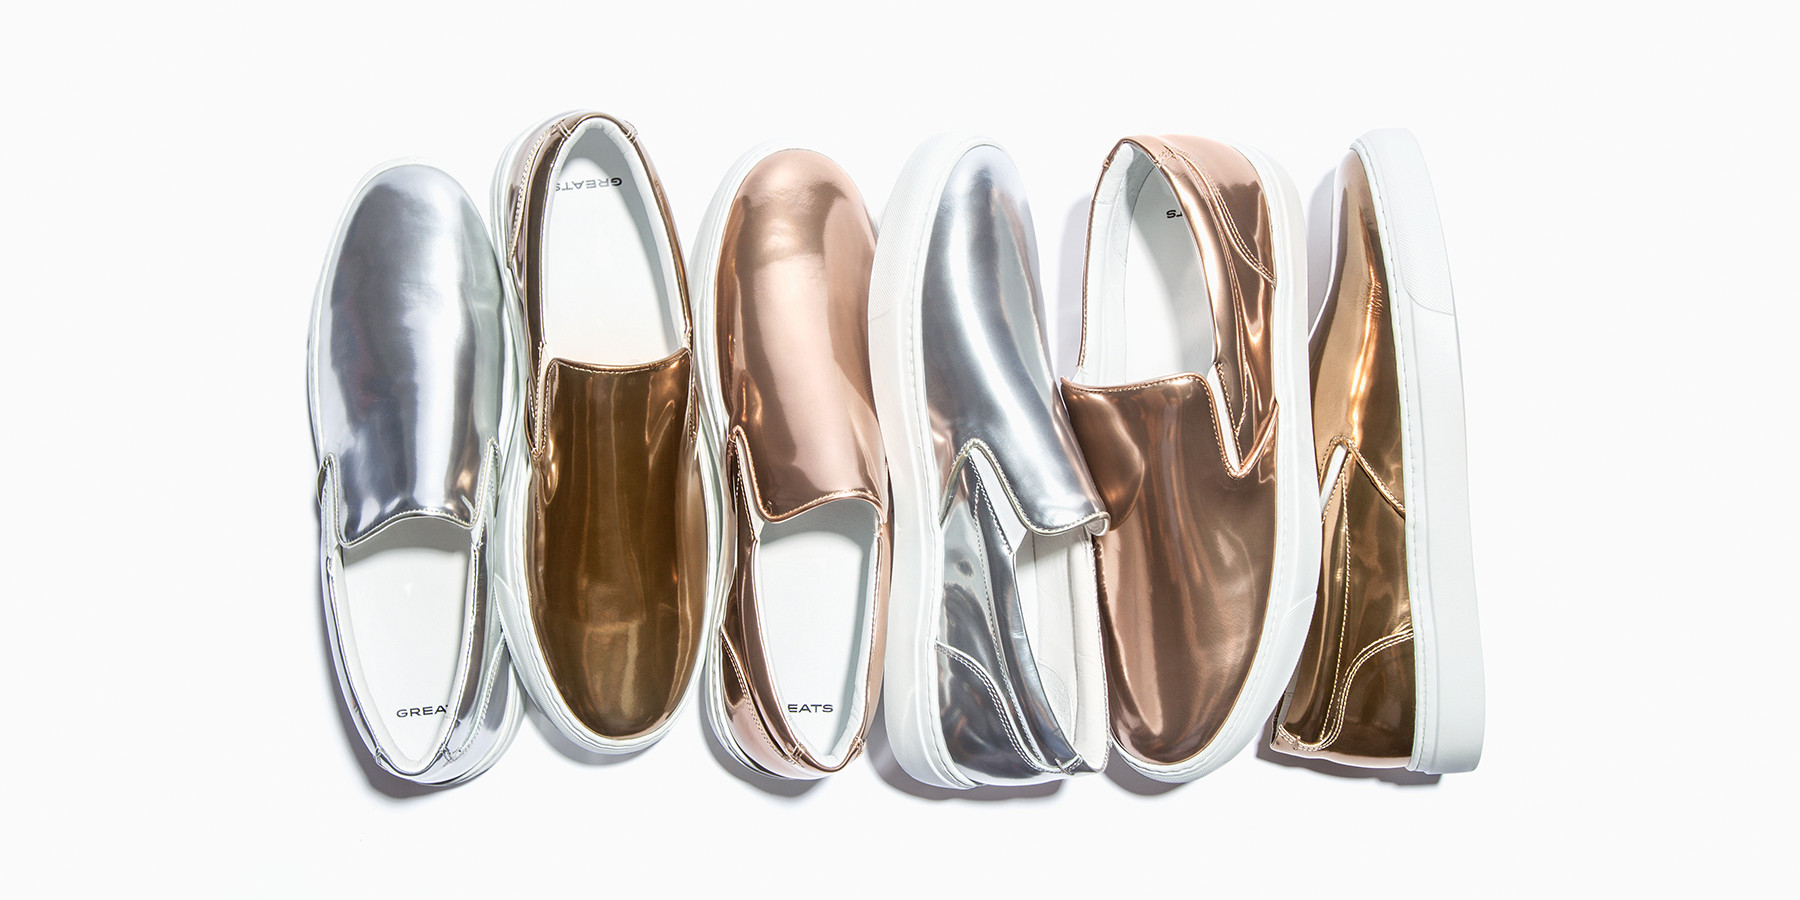 GREATS dévoile ses sneakers métallisées pour les Jeux Olympiques de Rio